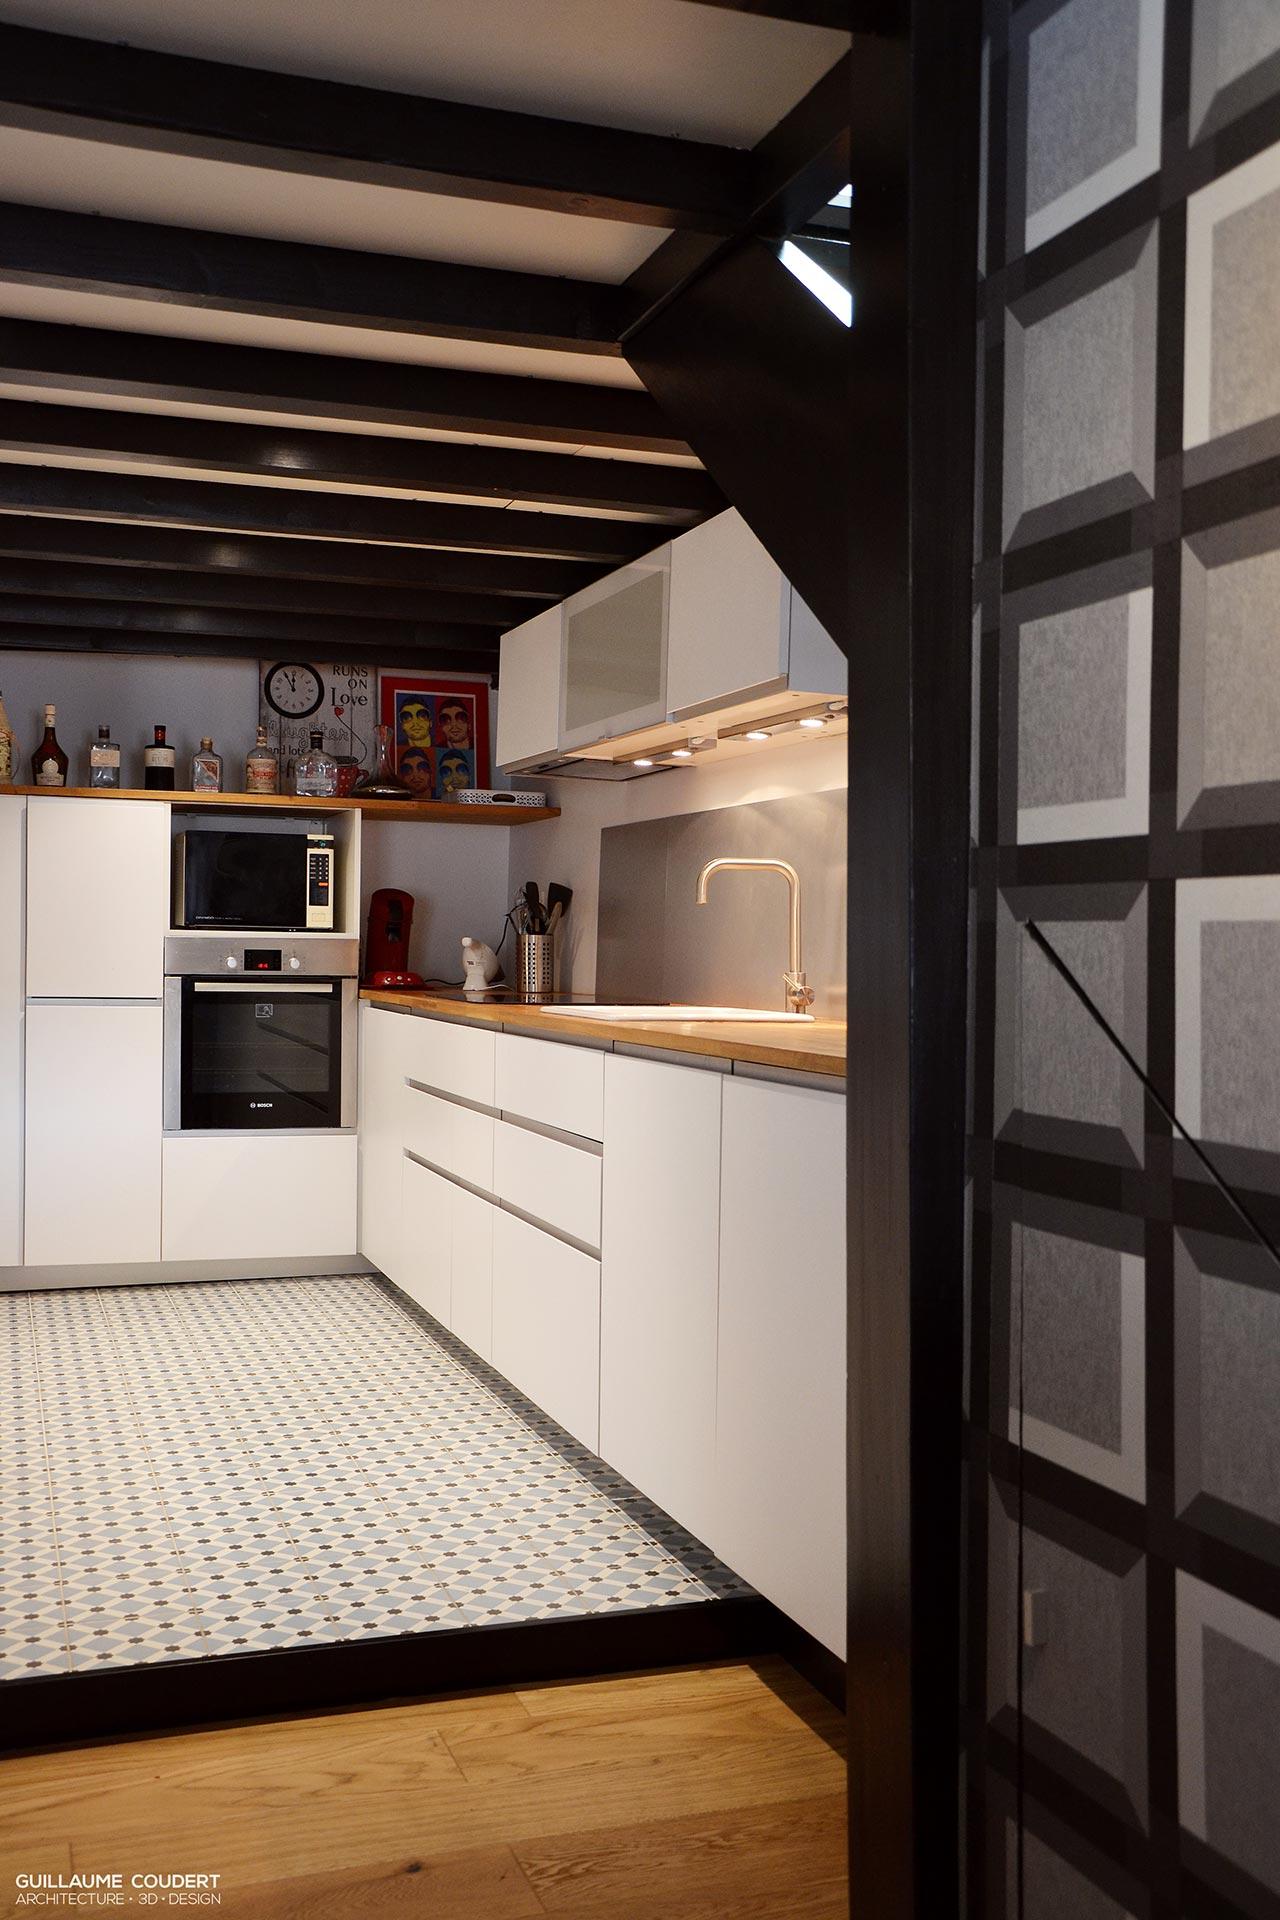 Appartement sar01 macon 71000 guillaume coudert - Cuisine sur mesure lyon ...